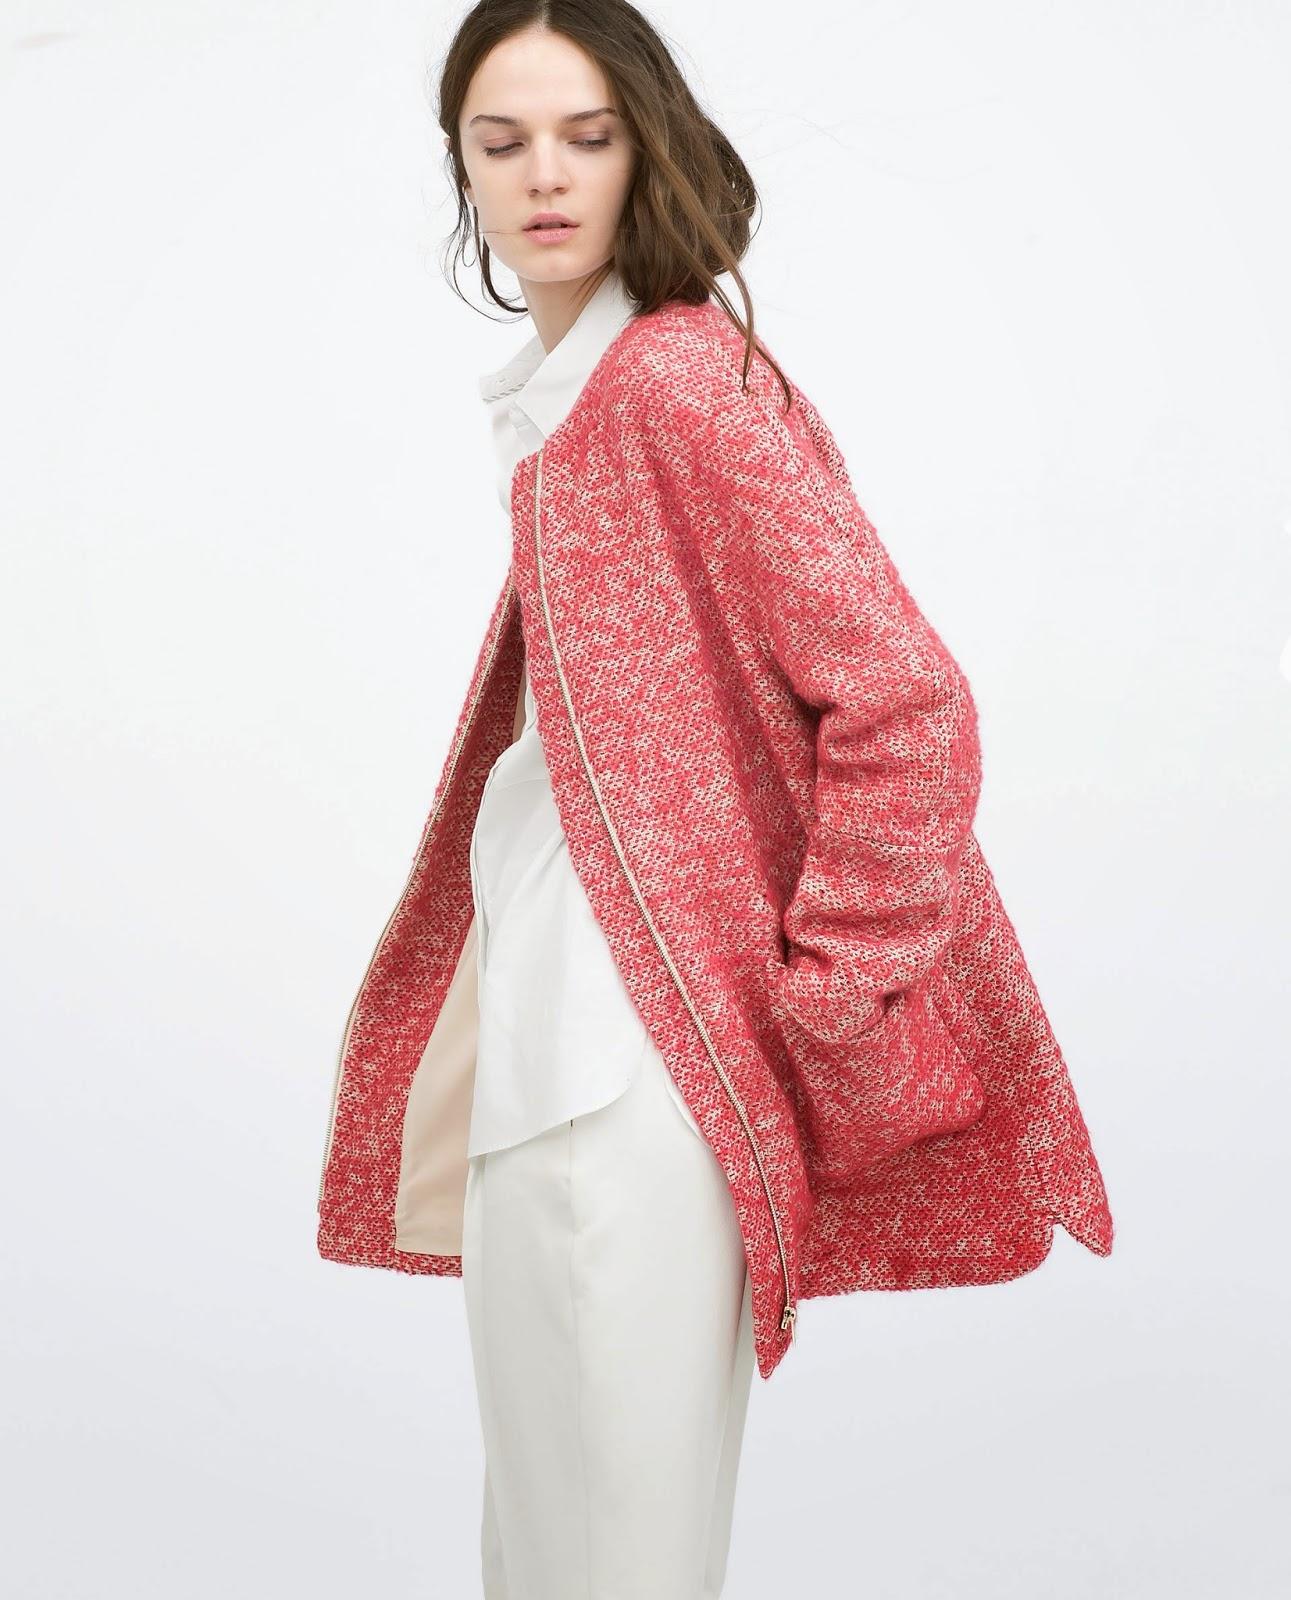 zara boucle coat, zara pink coat 2015, 2015 pink boucle coat,